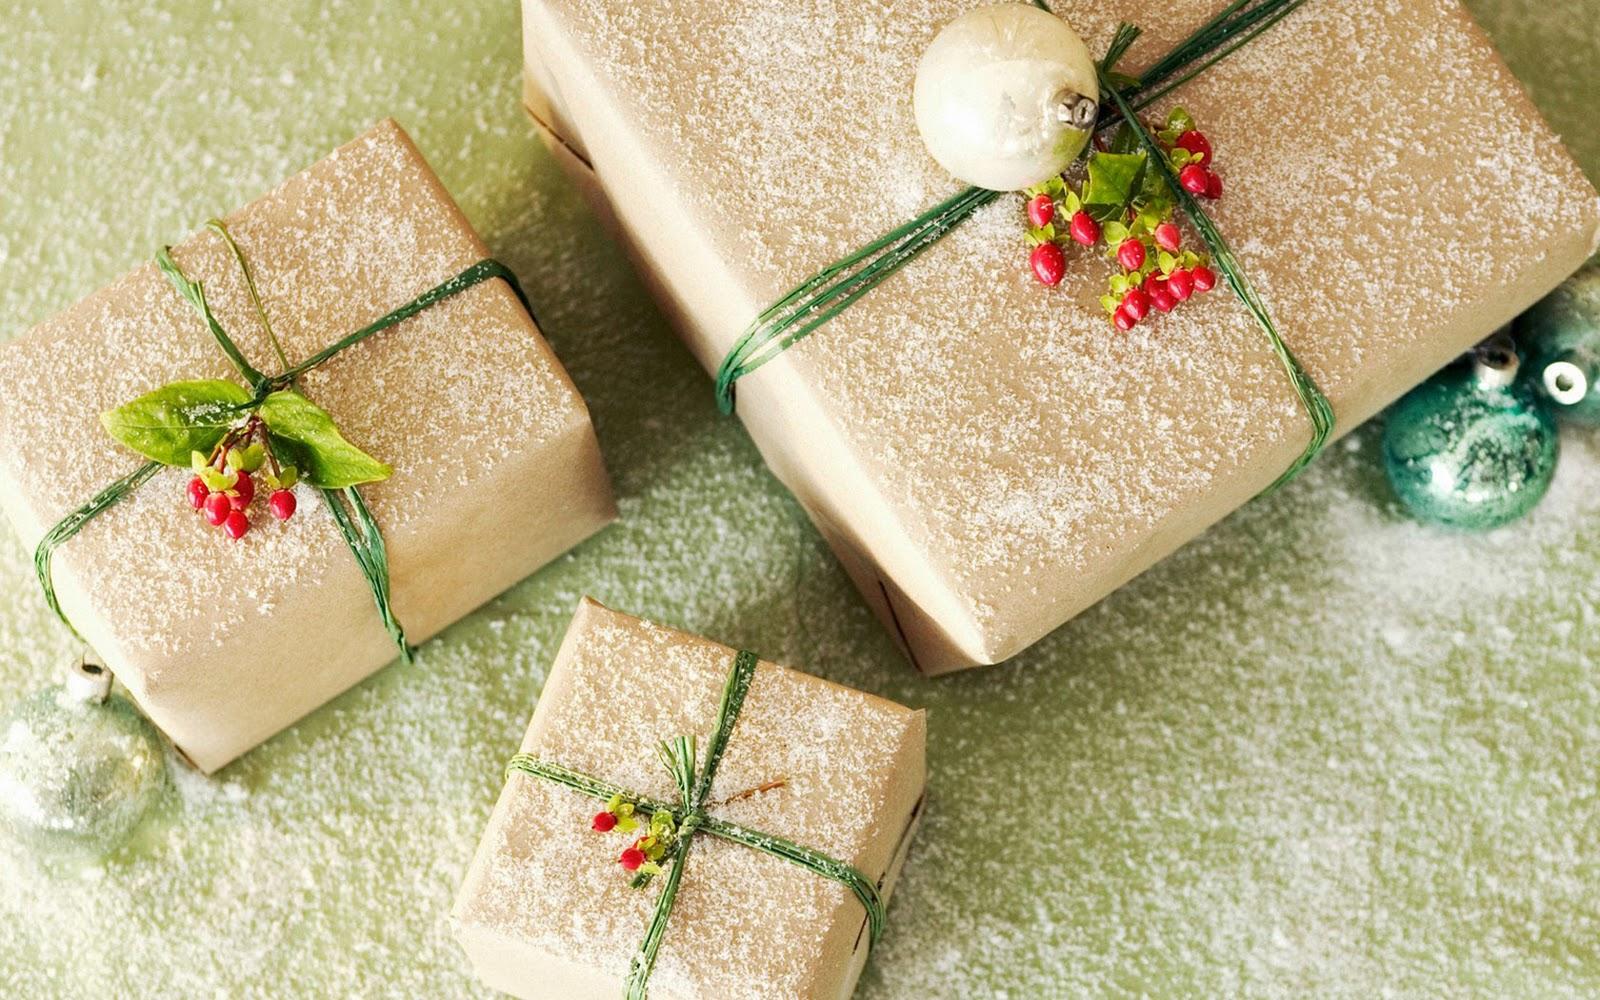 http://1.bp.blogspot.com/-GpVH6w7Cc0o/TvNP0CwHq9I/AAAAAAAAAOg/VWU2akWcmVQ/s1600/wallcoo.com_Christmas_wallpaper_christmas_psuperos_52616.jpg